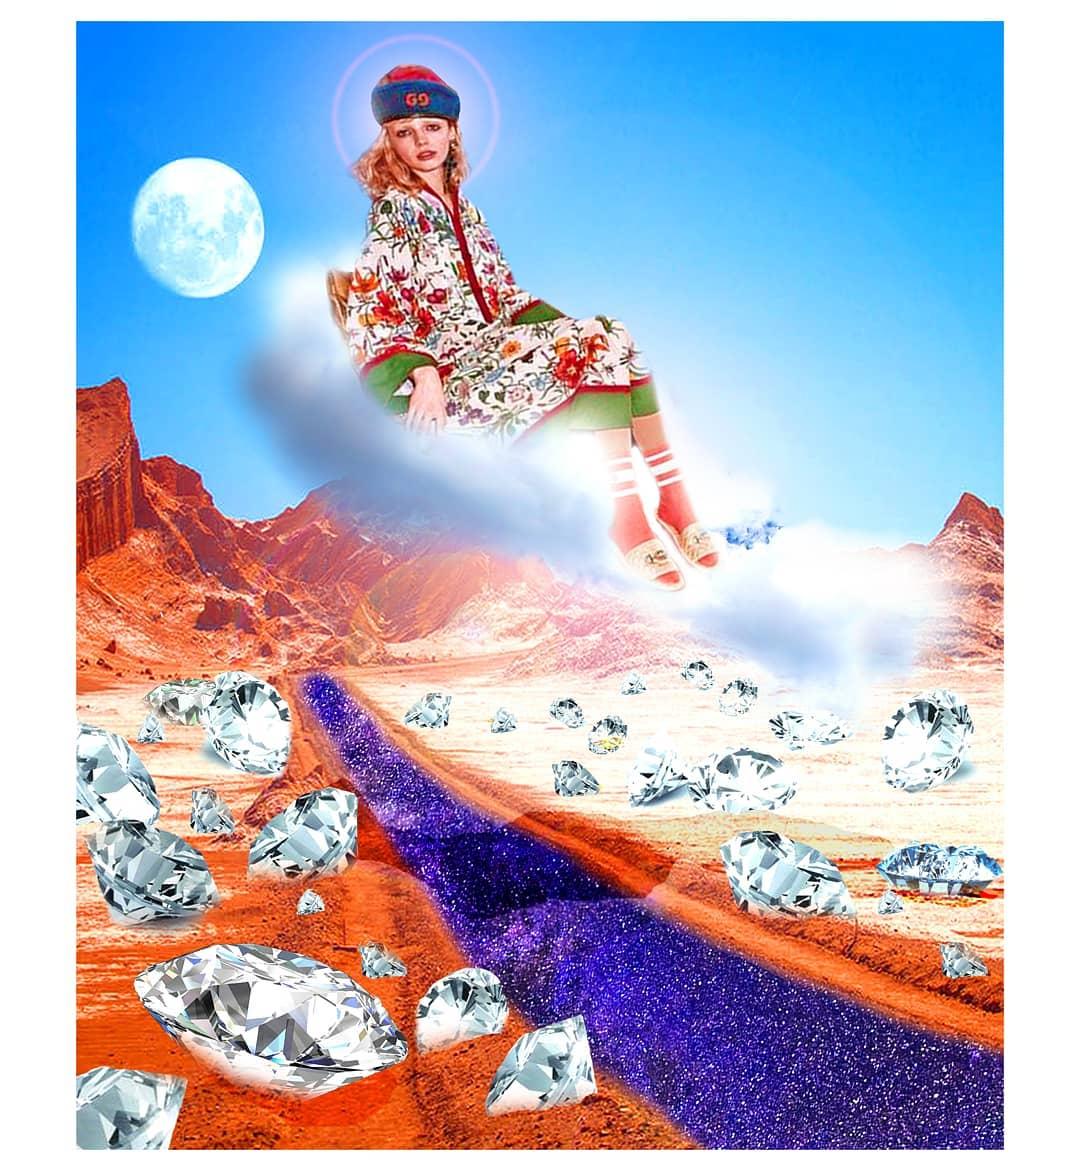 Fantasía y moda: Los collages de @caro_artwork